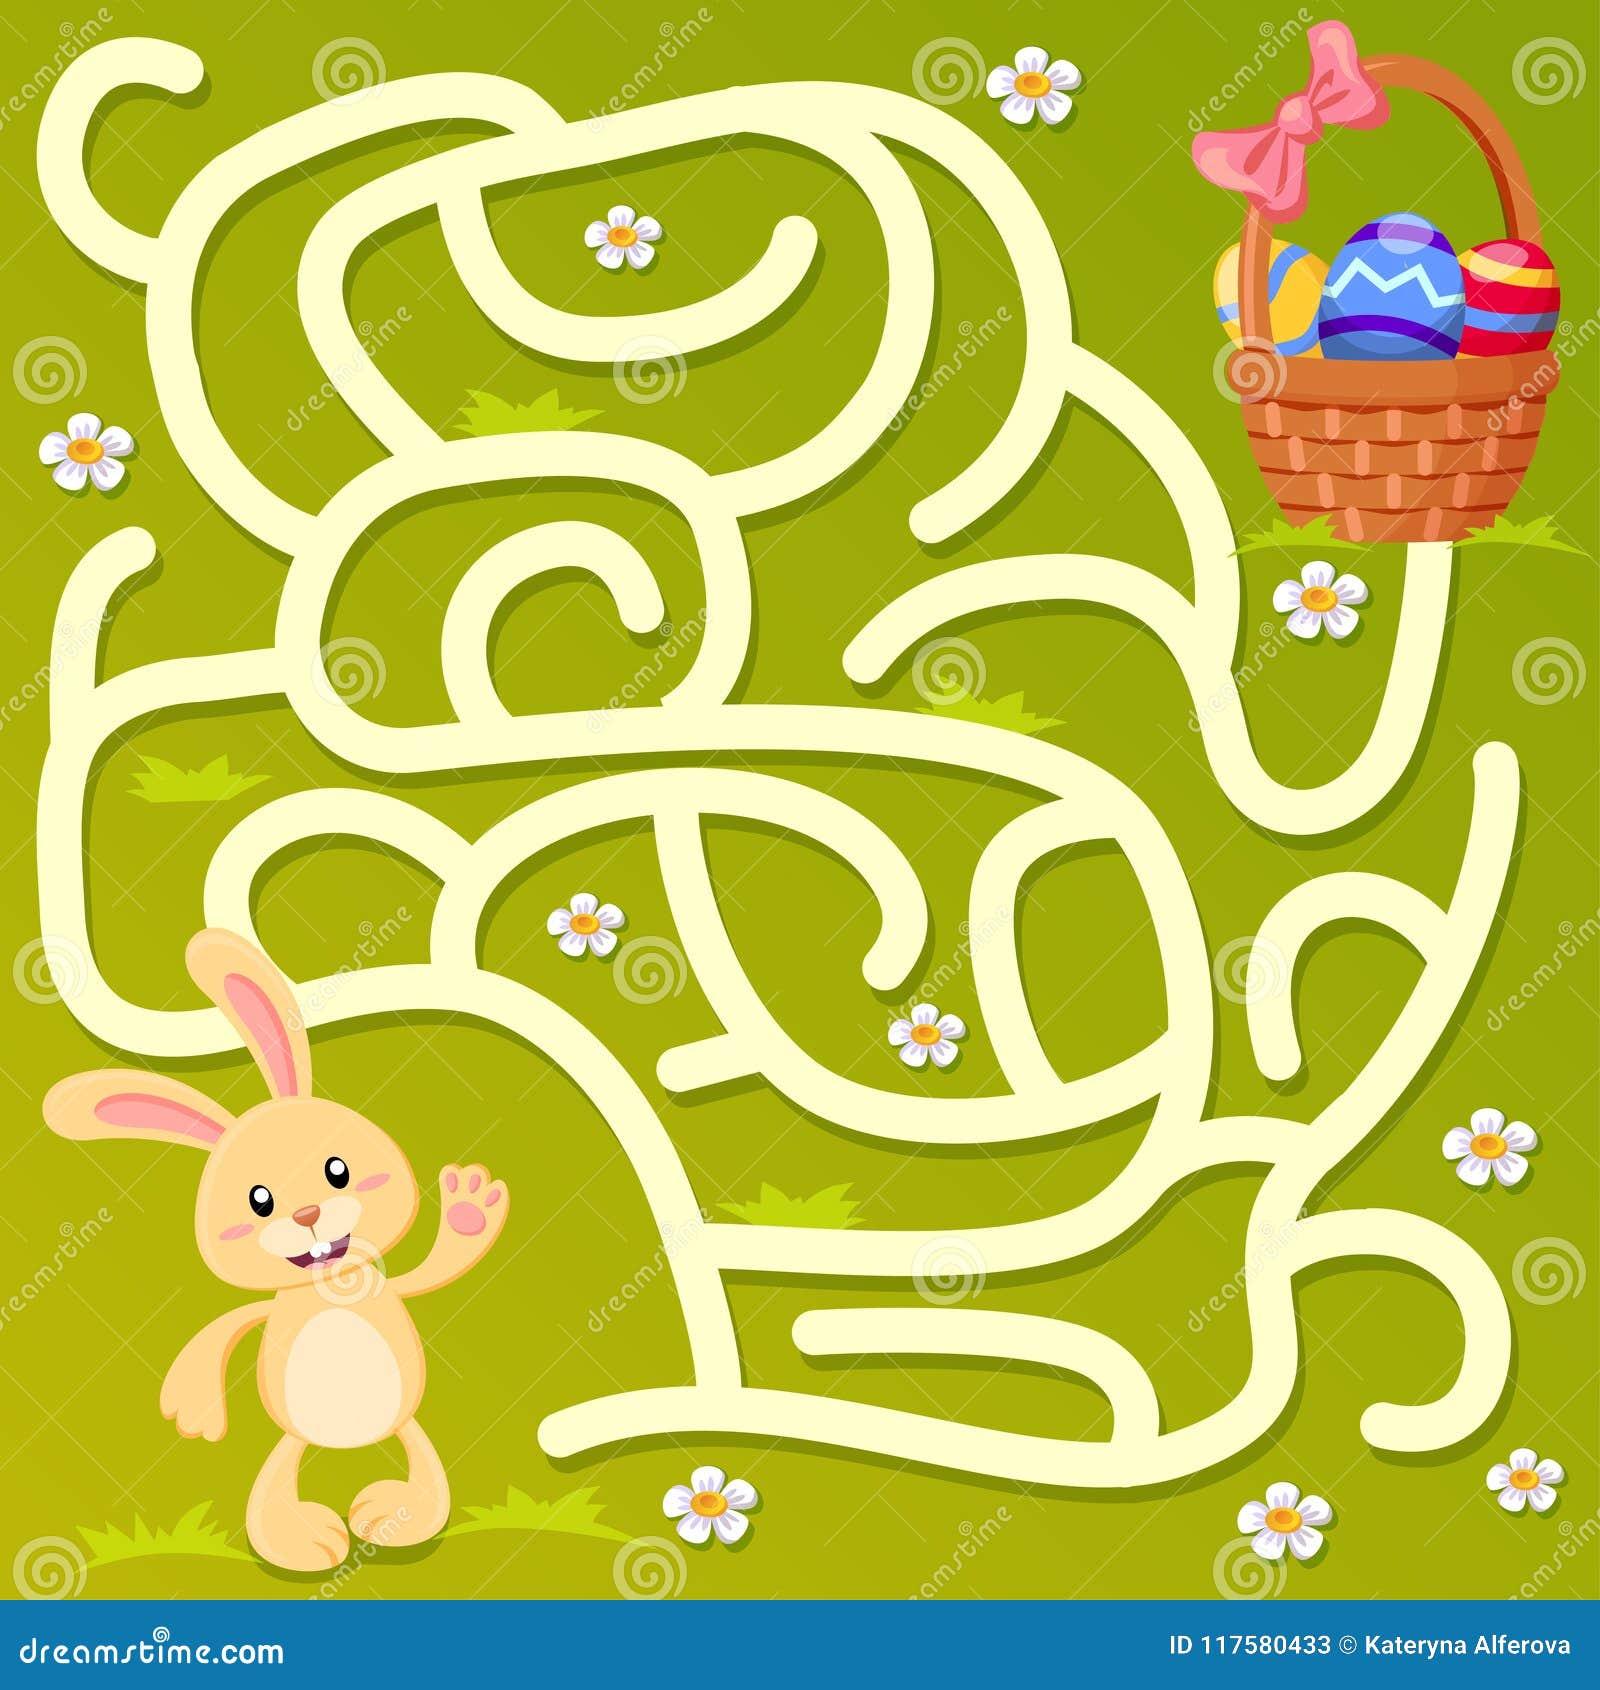 Help weinig konijntje weg aan Pasen-mand met eieren vinden labyrint Het spel van het labyrint voor jonge geitjes